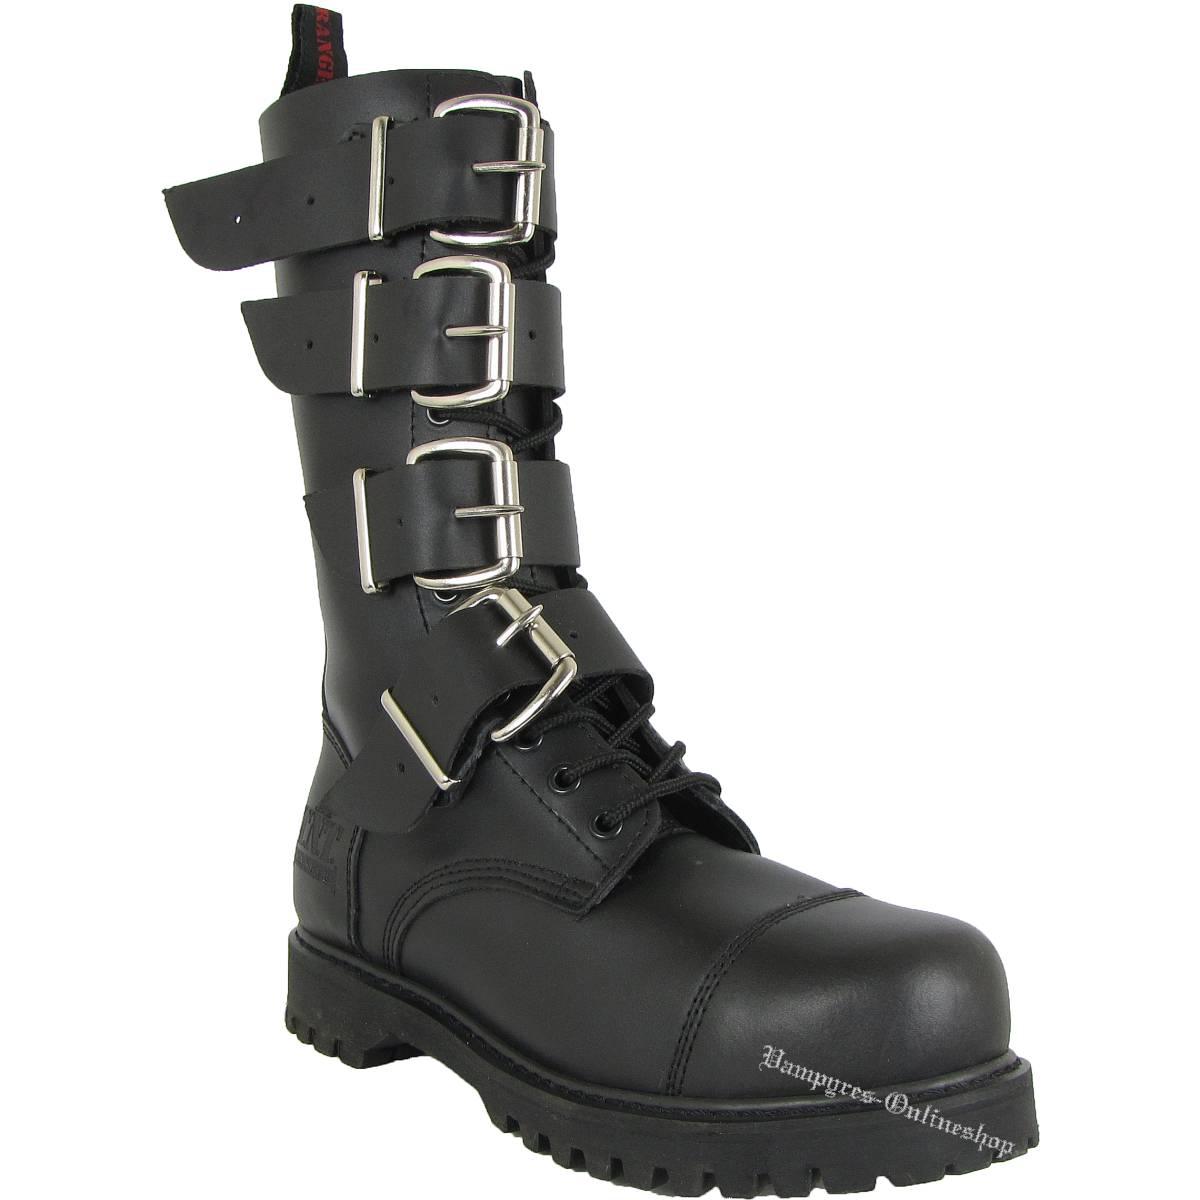 TNT 14-Loch 4-Schnallen Side-Zip Stiefel Schwarz Rangers Boots